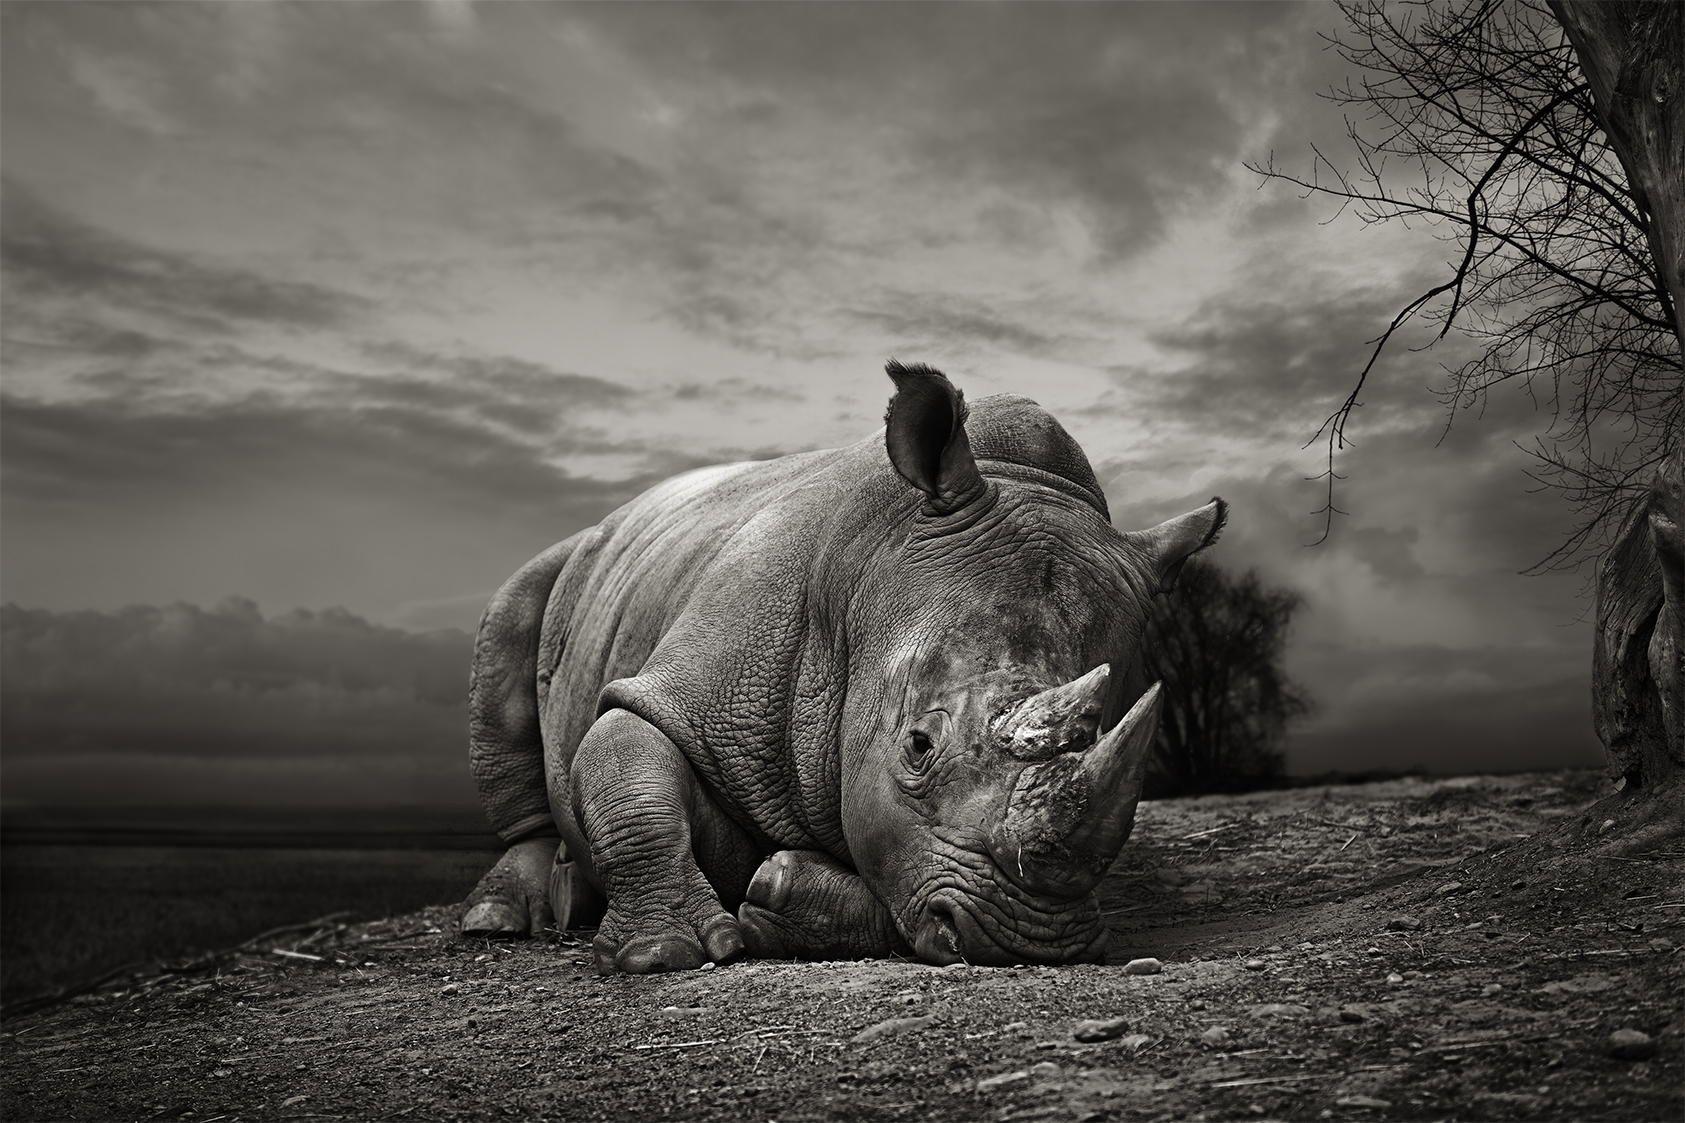 Rsultats de recherche dimages pour rhinoceros charge